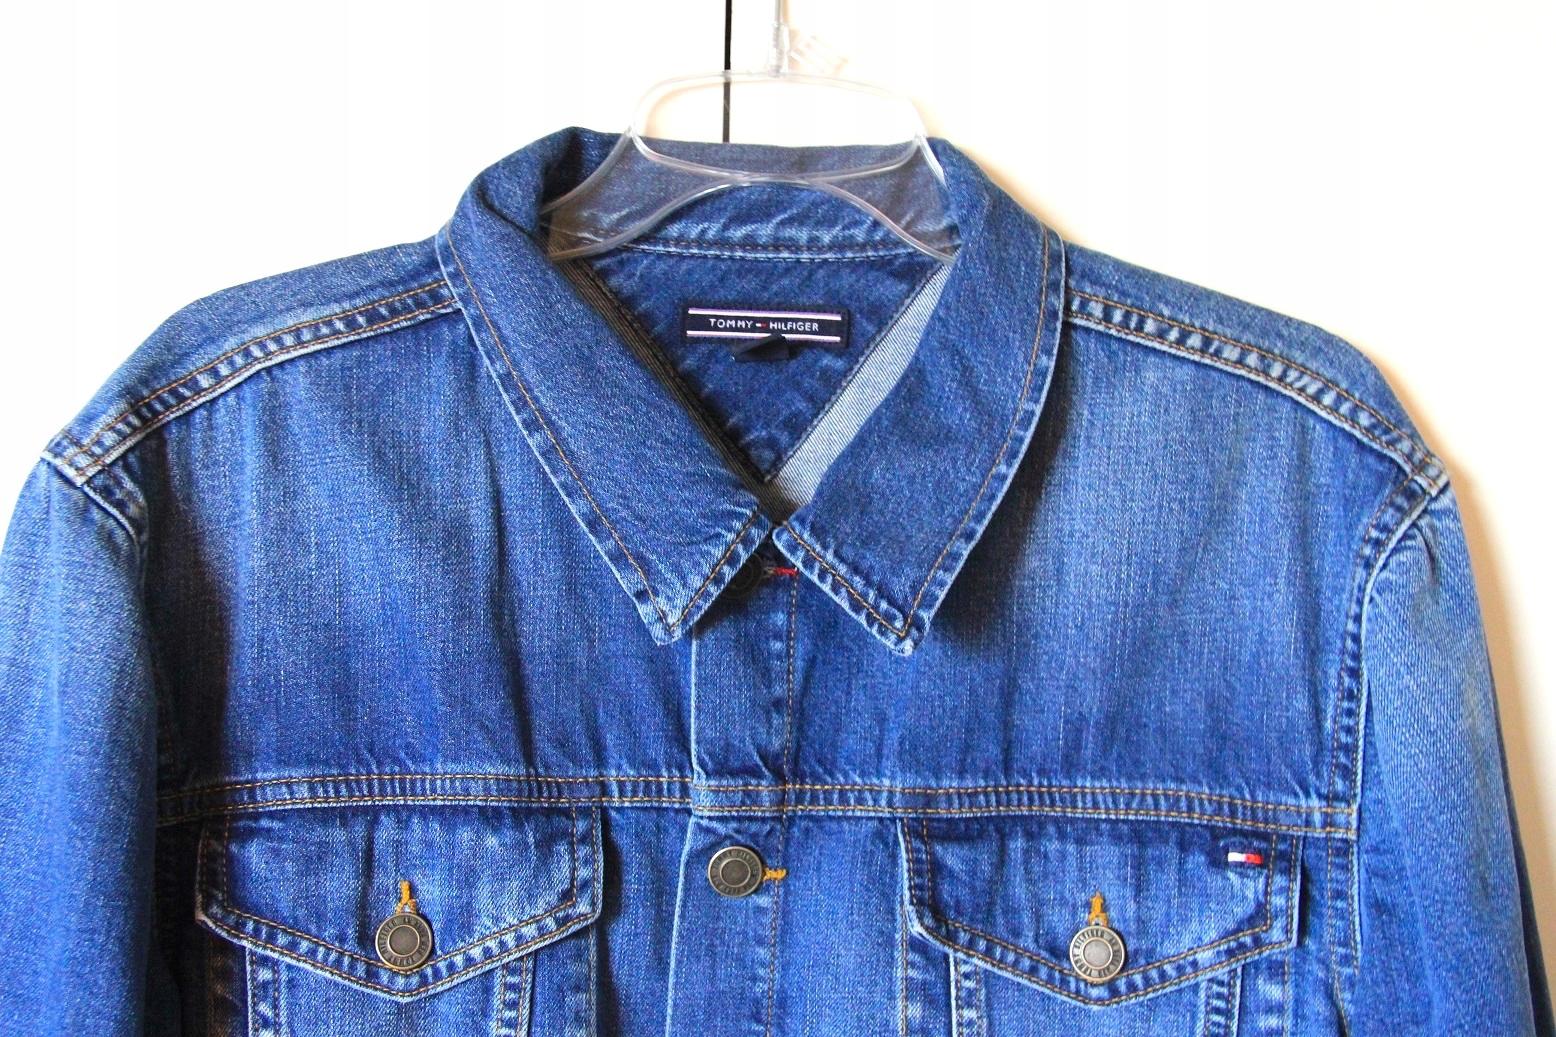 Tomy Hilfiger jeansowa kurtka koszula xl jeans 54